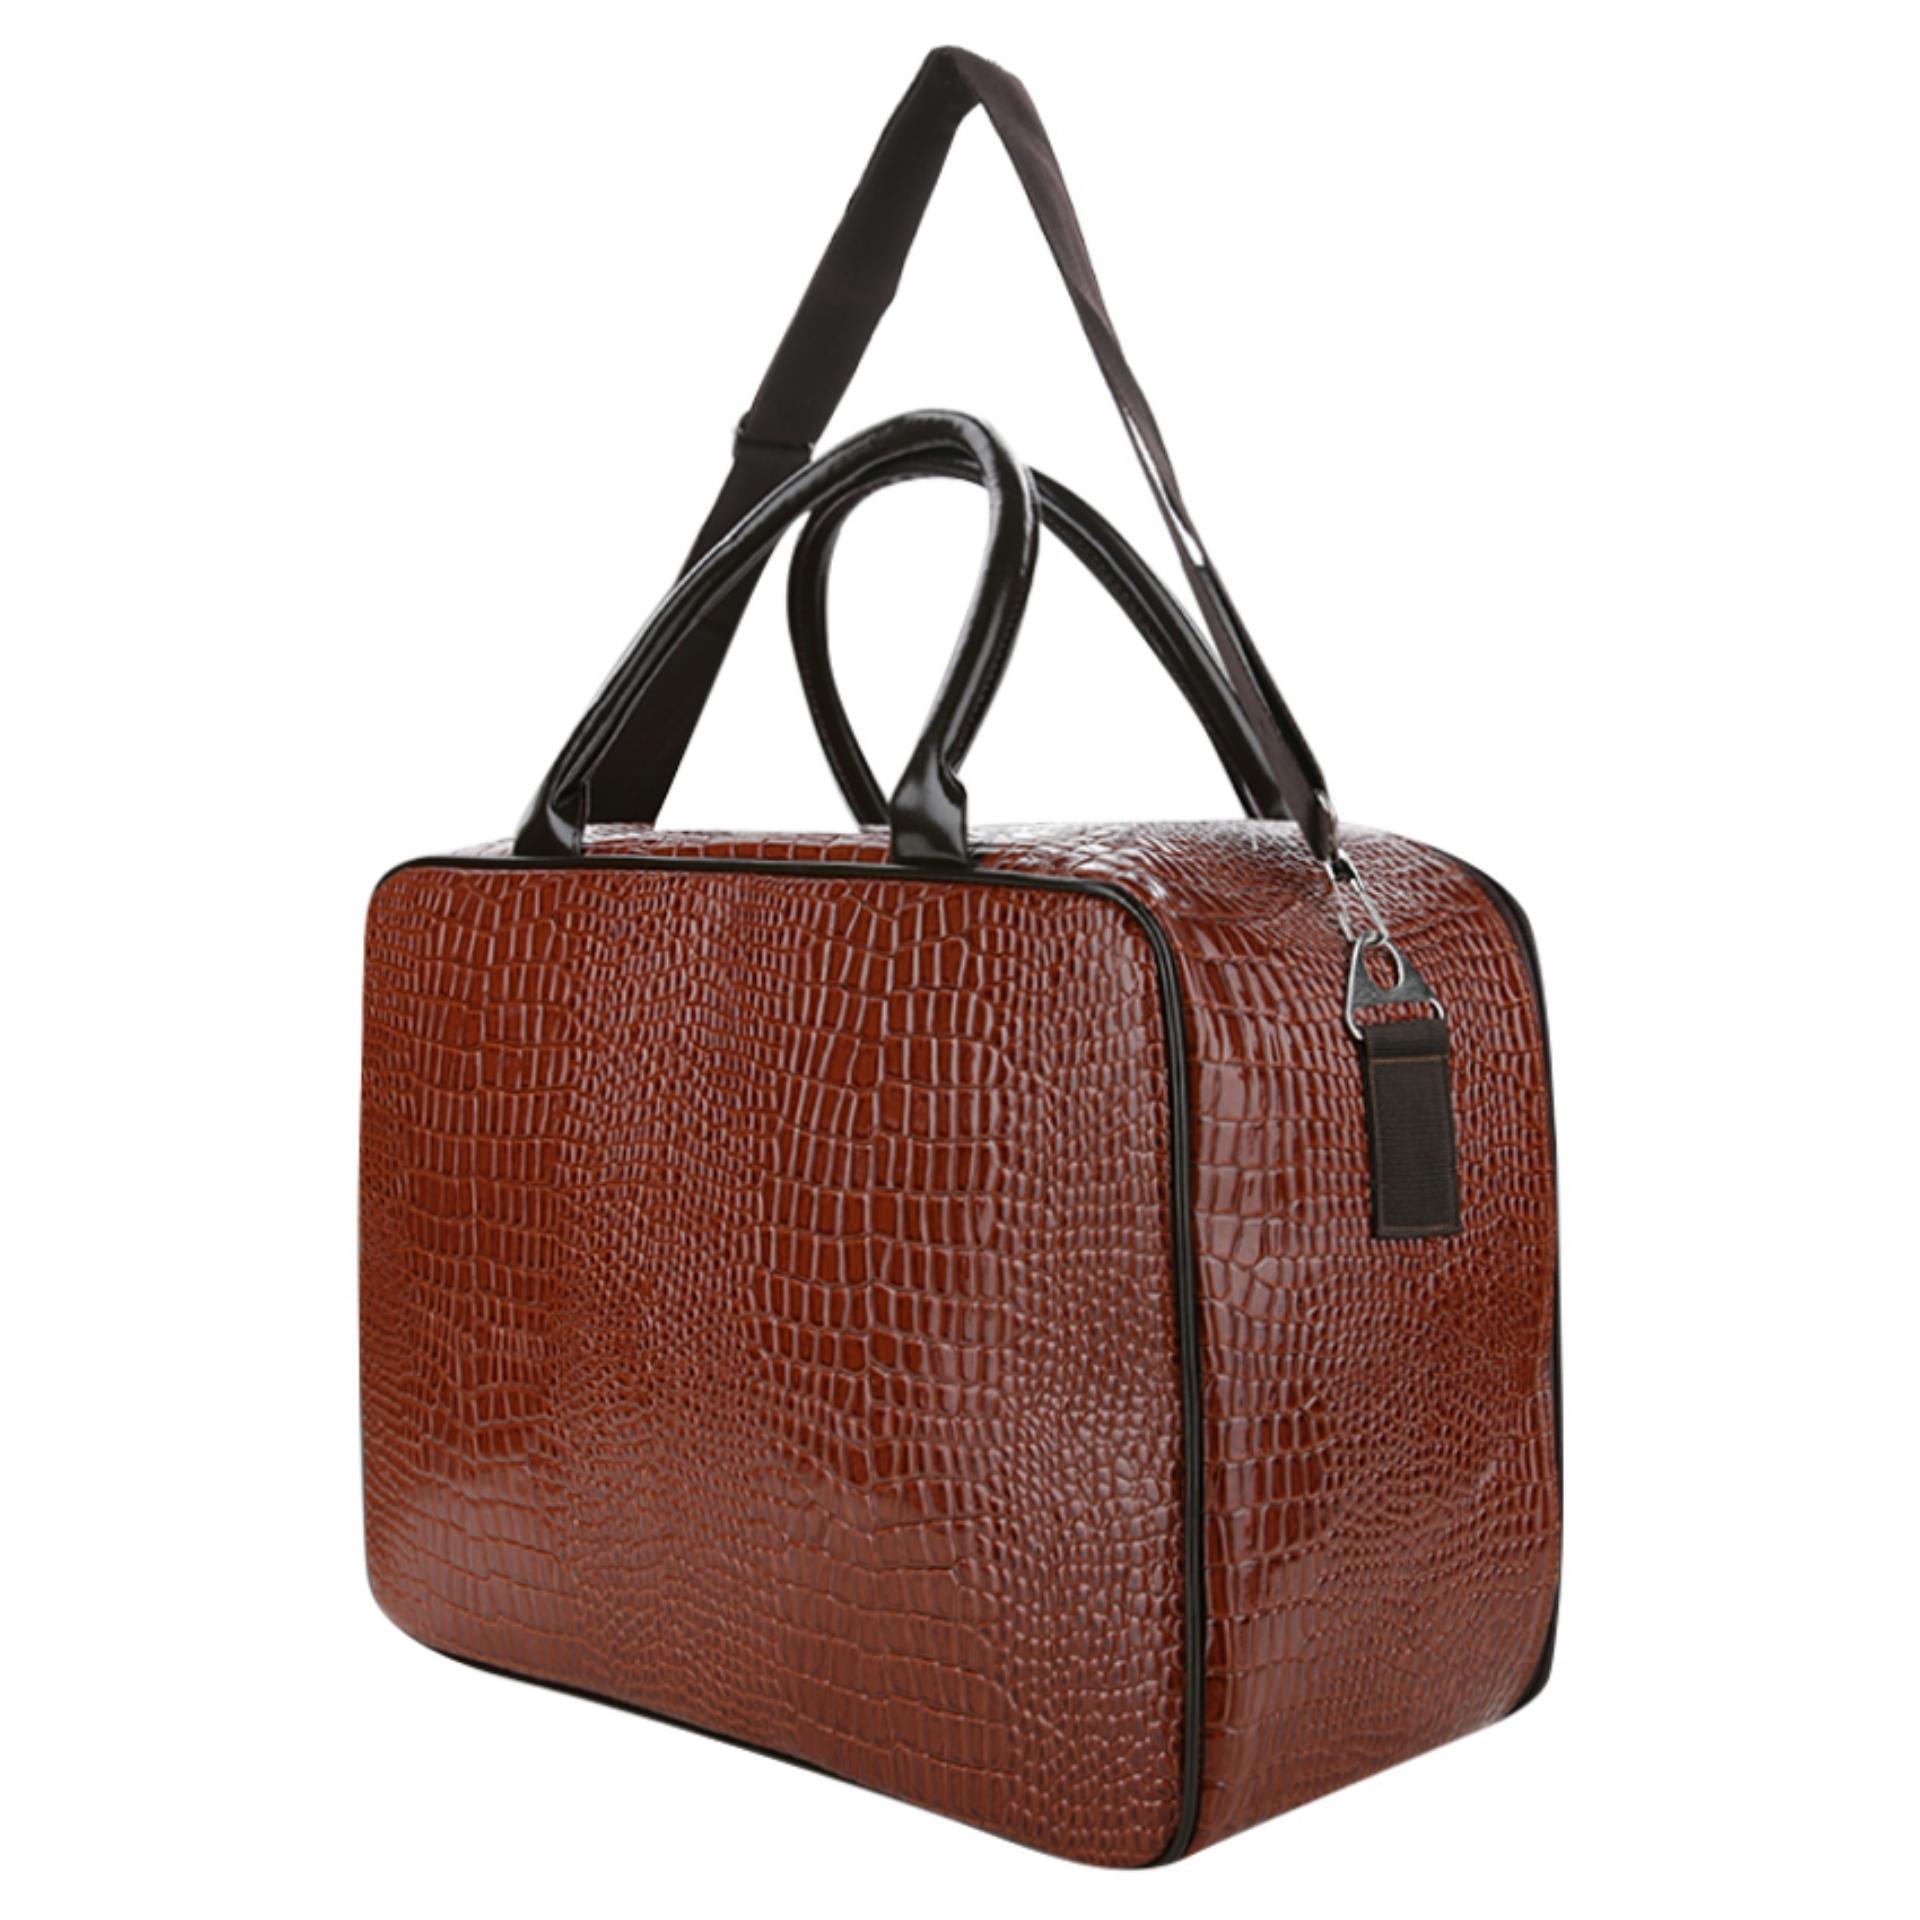 AMT Tas Koper Travel Bag Pria dan Wanita Kulit Buaya Sintetis - Coklat